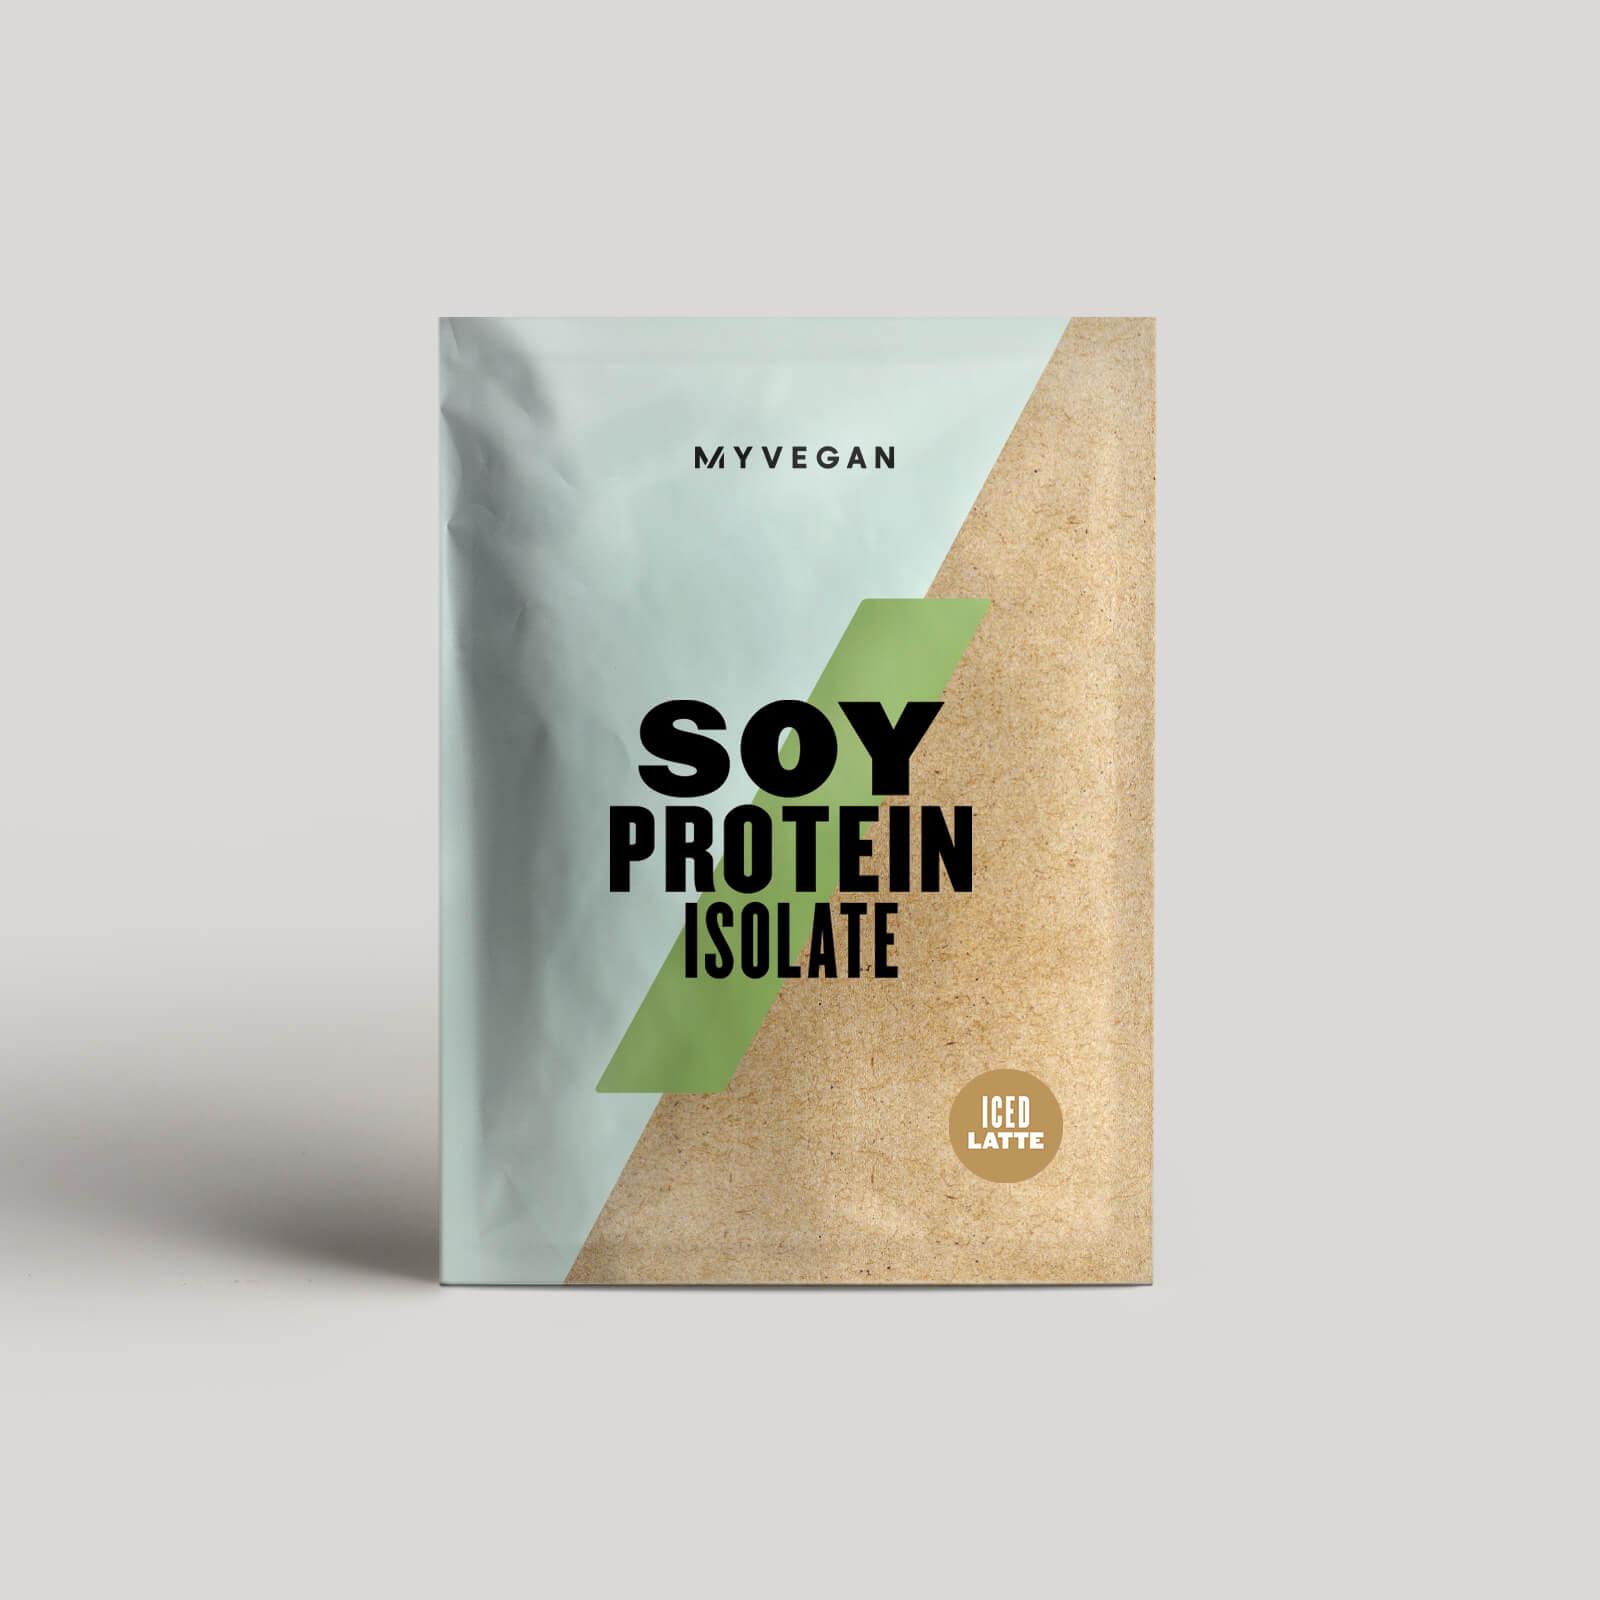 Myvegan Isolat de protéine de soja (Énchantillon) - 30g - Iced Latte